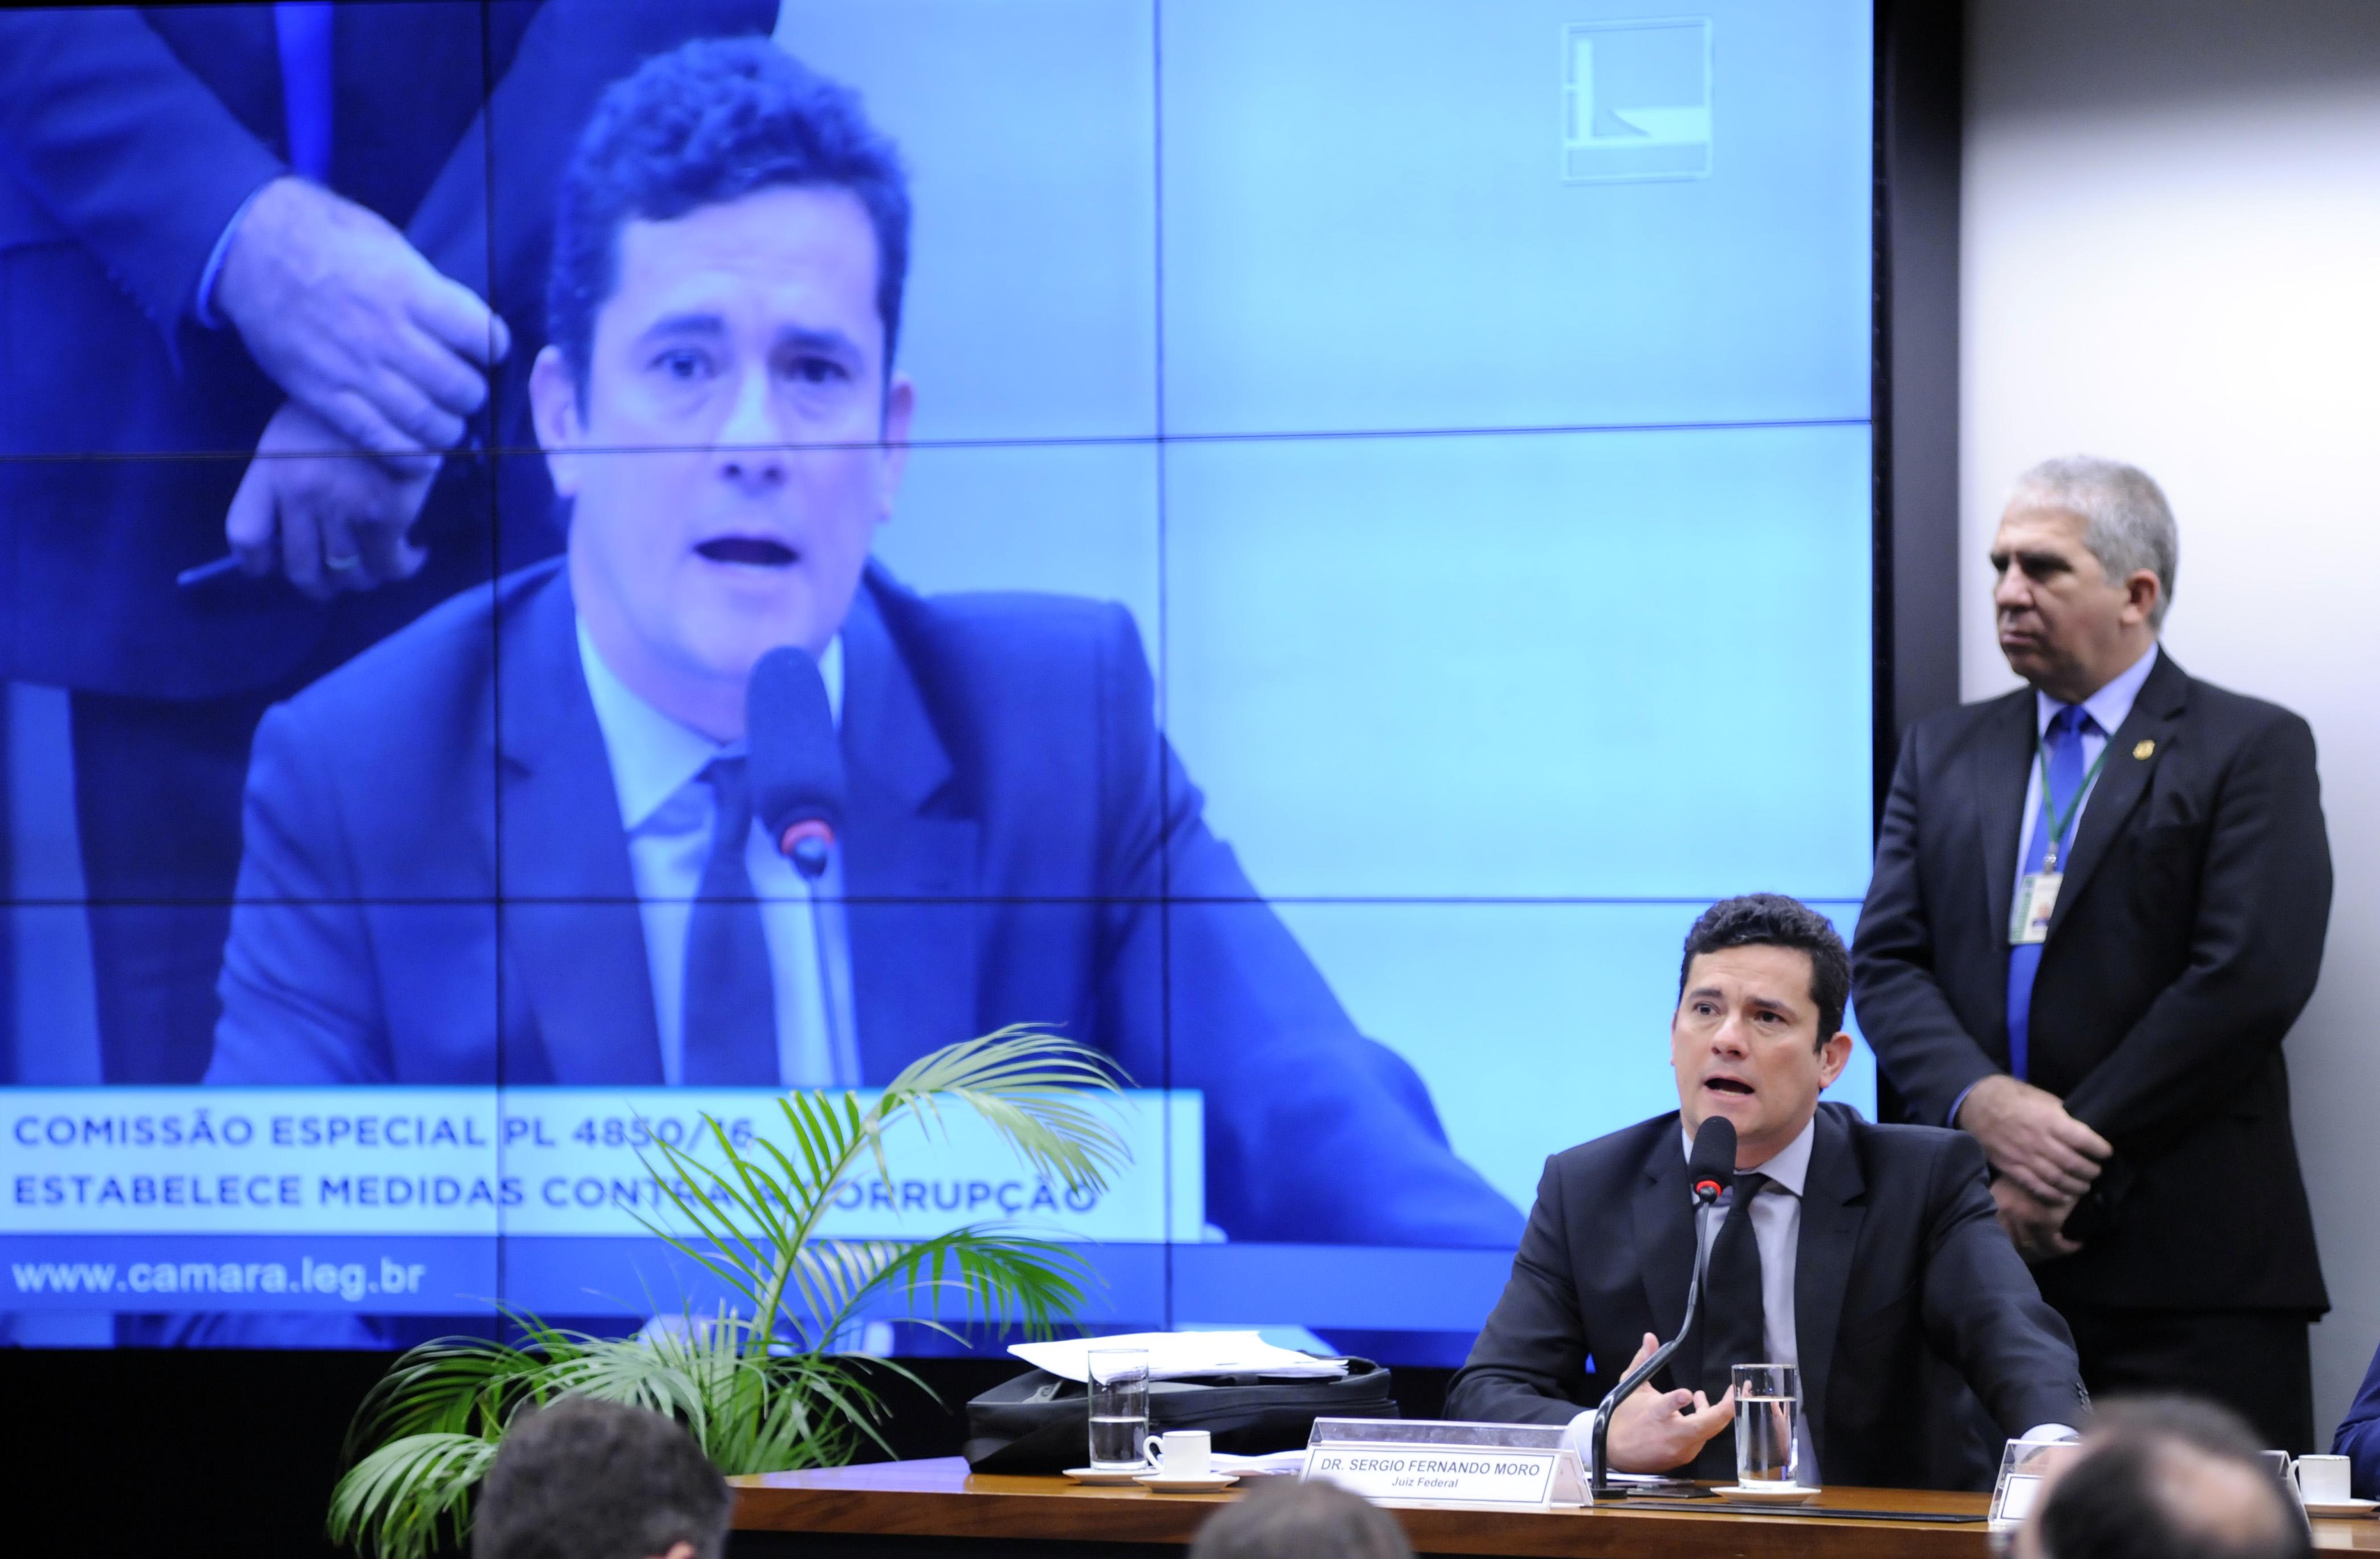 Audiência pública para debate sobre o PL 4850/2016 - Estabelece Medidas Contra a Corrupção. Juiz Federal da 13ª Vara Federal de Curitiba da Seção Judiciária do Paraná, Sergio Fernando Moro